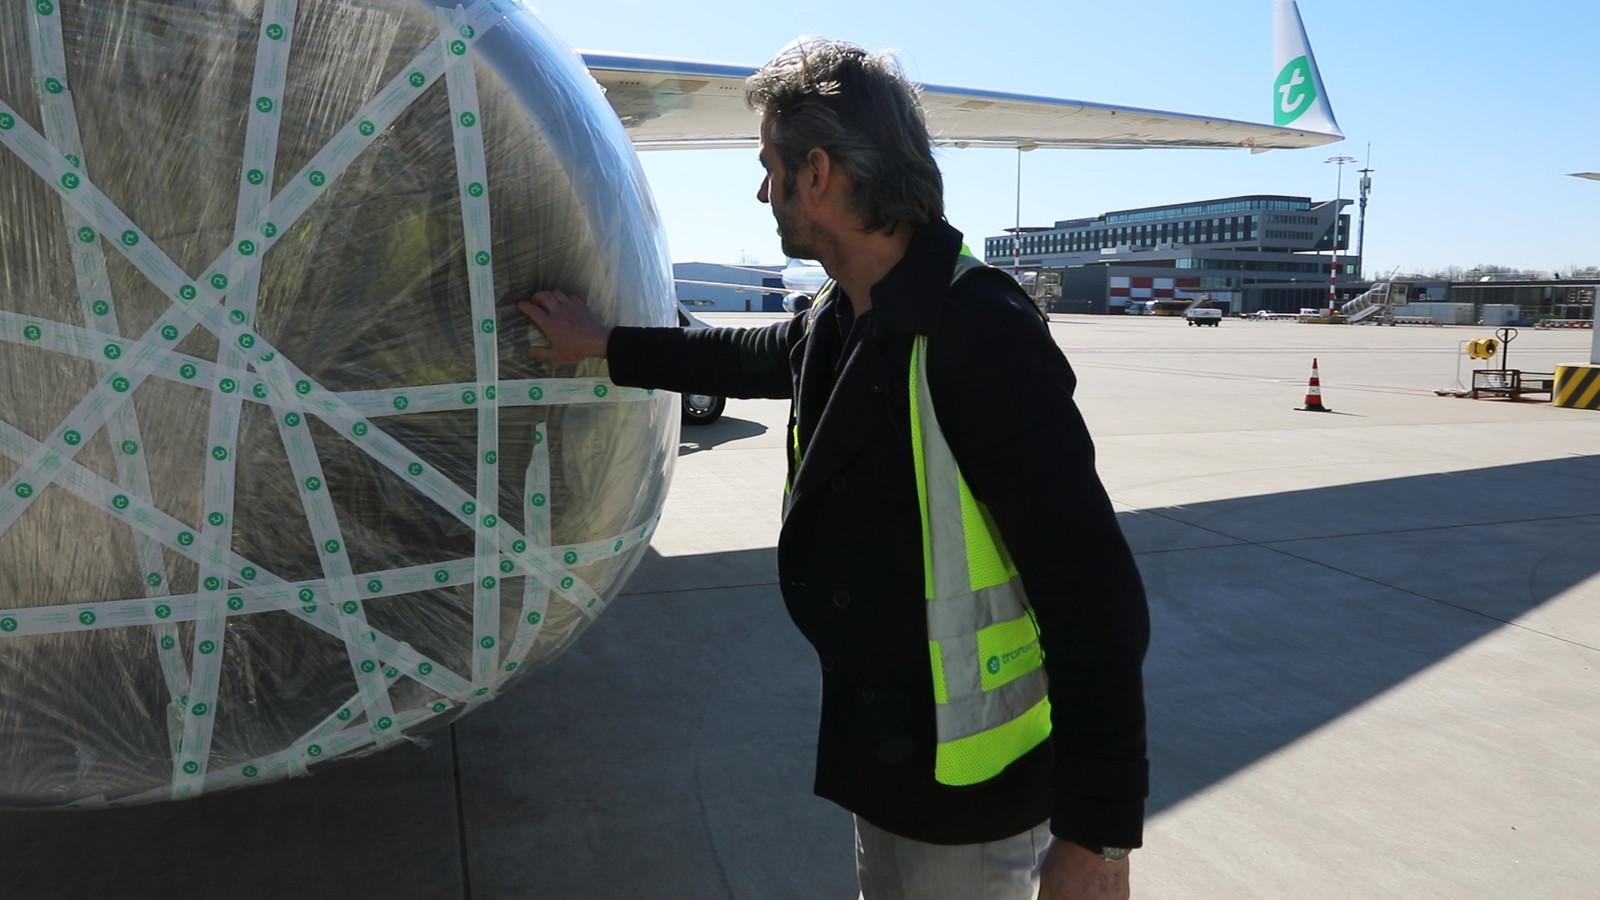 Vliegtuigen van Transavia zijn bij de motoren, landingsgestel en snelheidsmeters ingepakt met plastic om ongedierte buiten te houden.